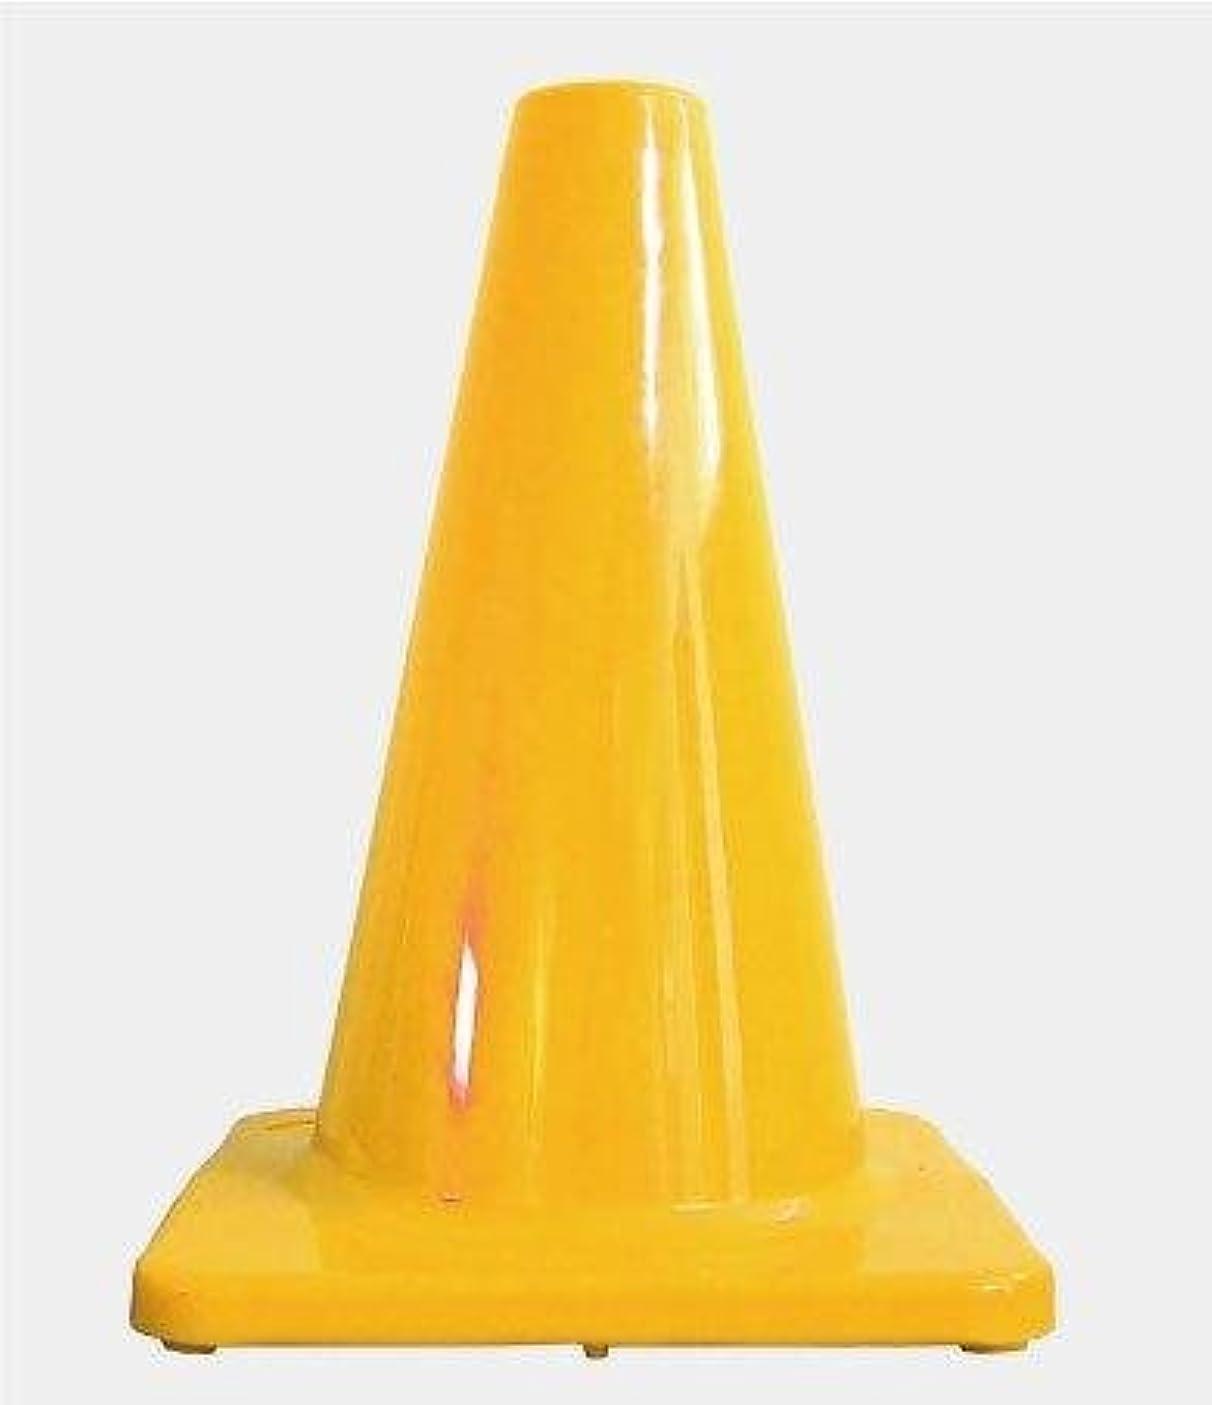 無実談話現実にはミニミニコーン 300mm 黄色